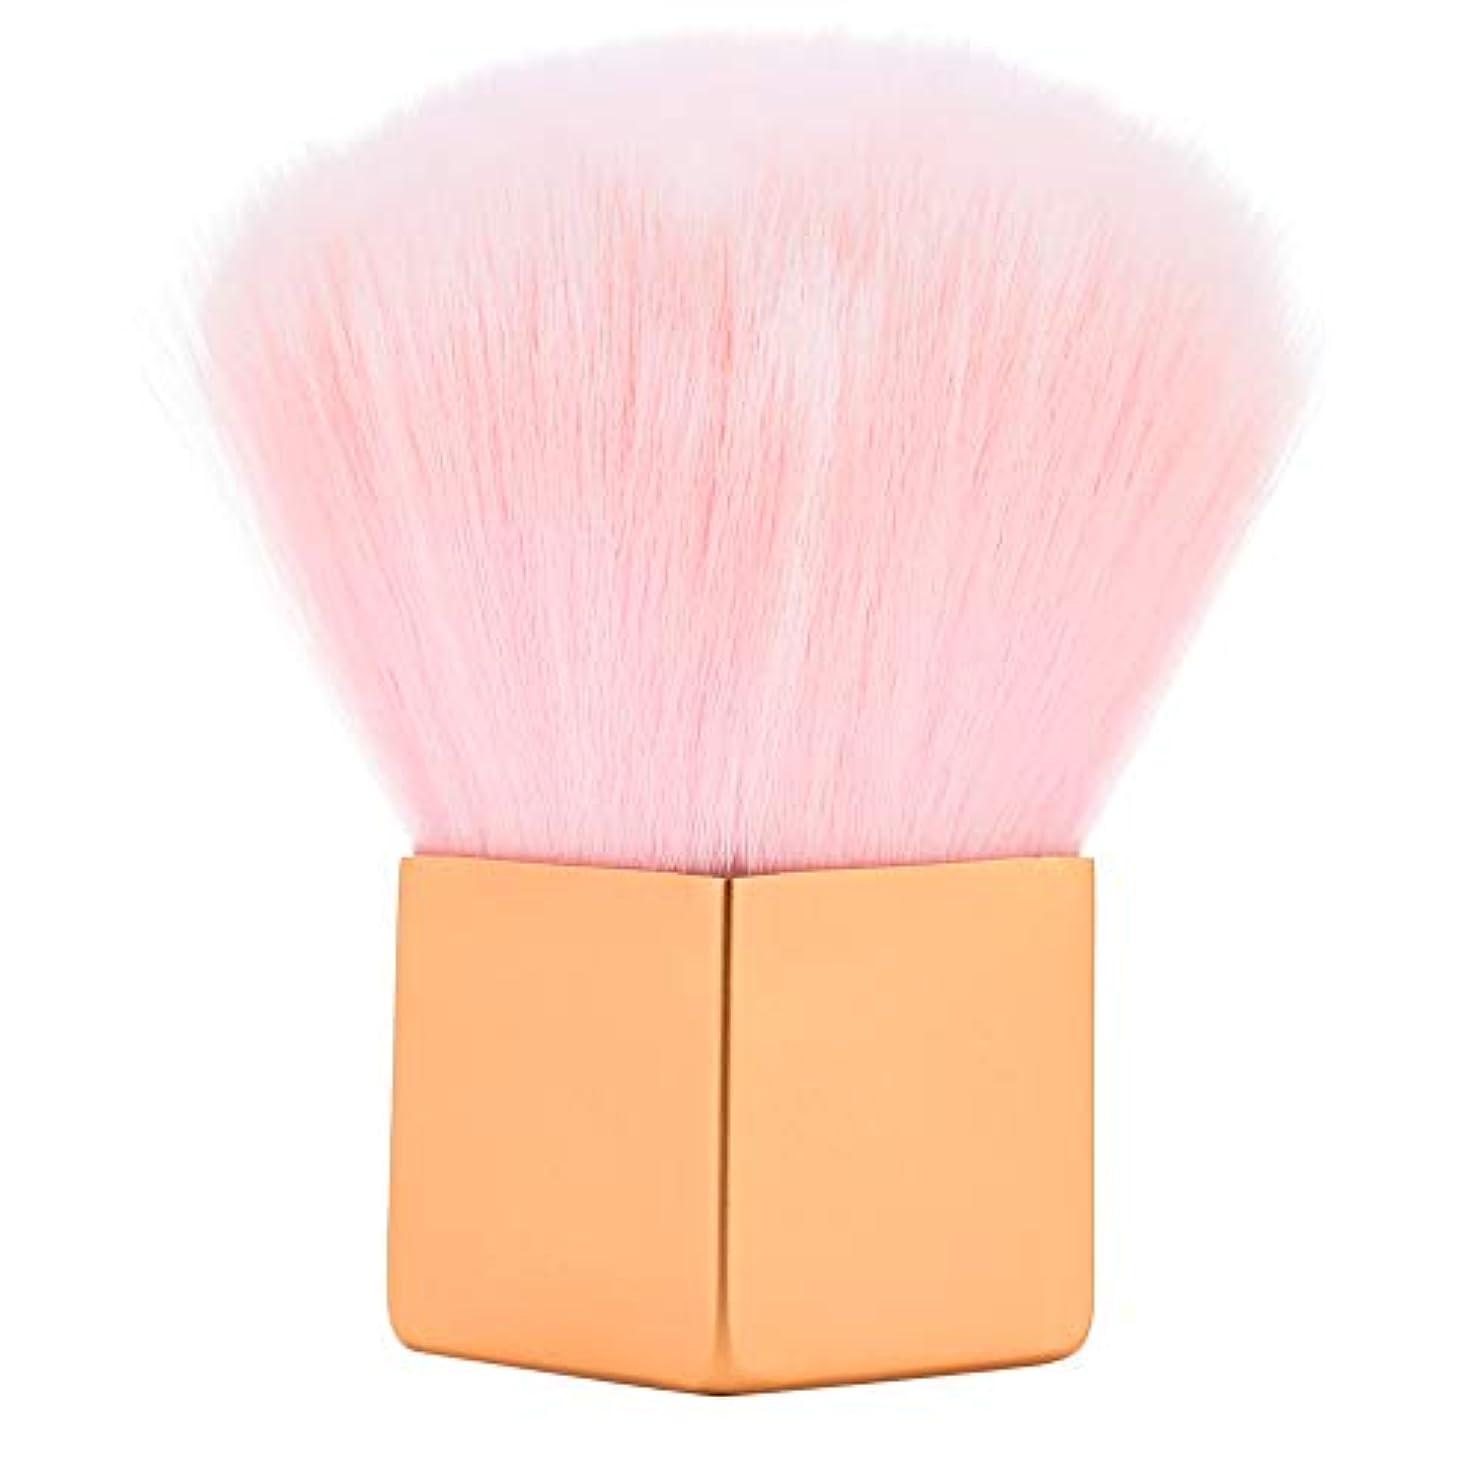 ぶら下がるあいまいさペルメルFeteso ほこりブラシ 化粧ブラシ ファンデーションブラシ ブラッシュブラシ 化粧筆 可愛い 柔らかい エコ素材 多機能 品質保証 メイクブラシ メイクアップ 化粧ブラシ ブラシ 化粧用ブラシ 携帯用 便利 欧米人気 化粧ブラシ 毛量たっぷり